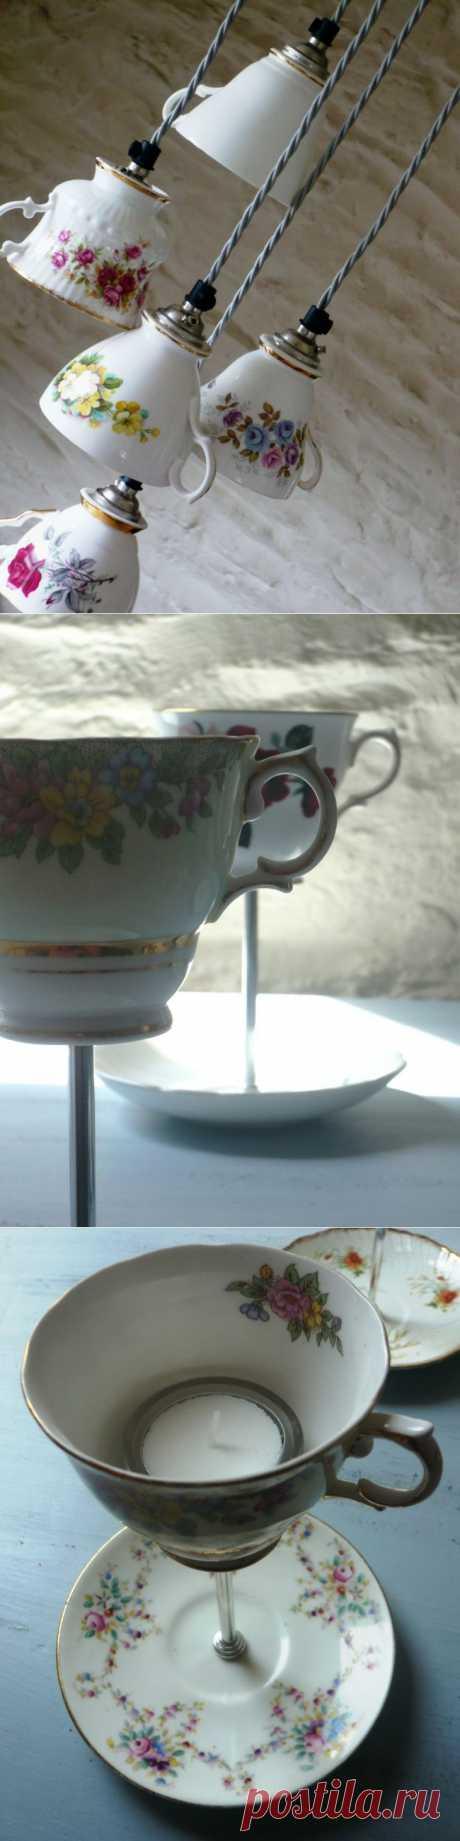 Светильники из посуды (подборка) / Освещение / Модный сайт о стильной переделке одежды и интерьера